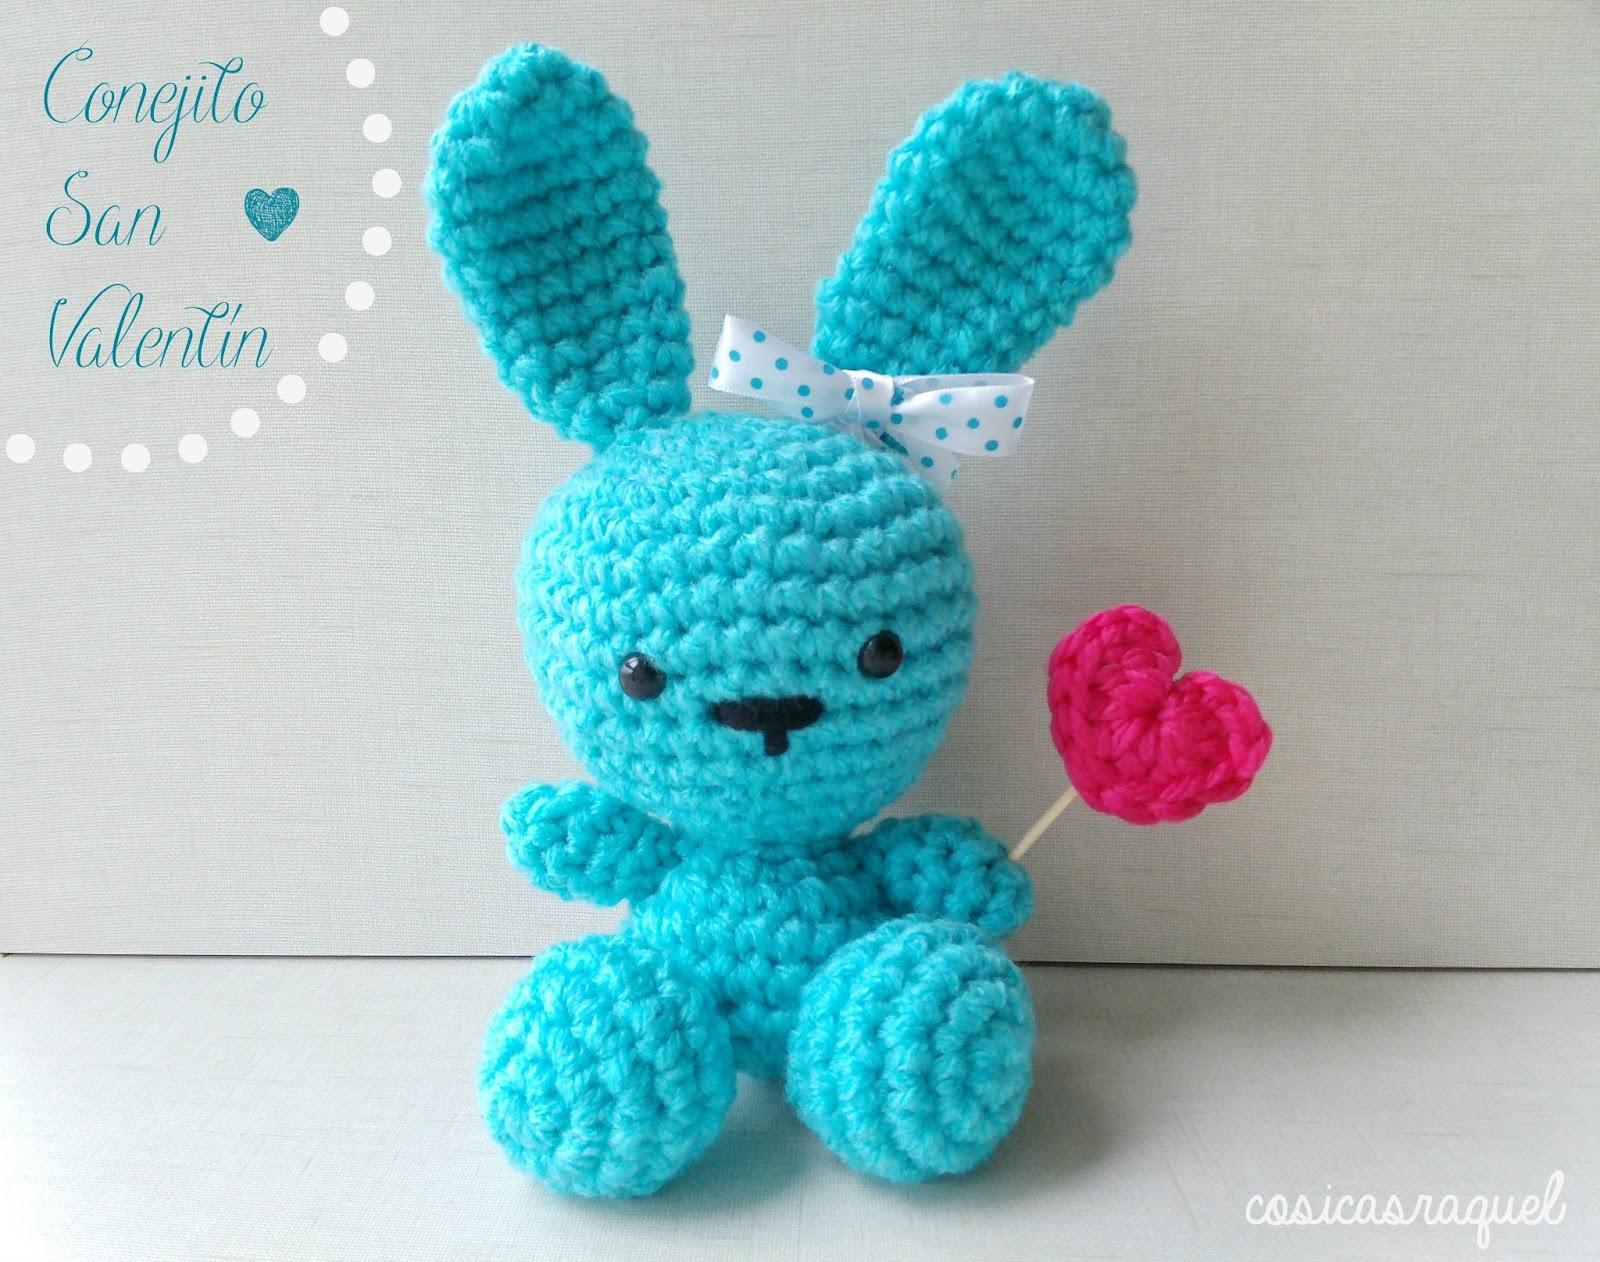 Conejito Amigurumi San Valentín - Handbox Craft Lovers | Comunidad ...